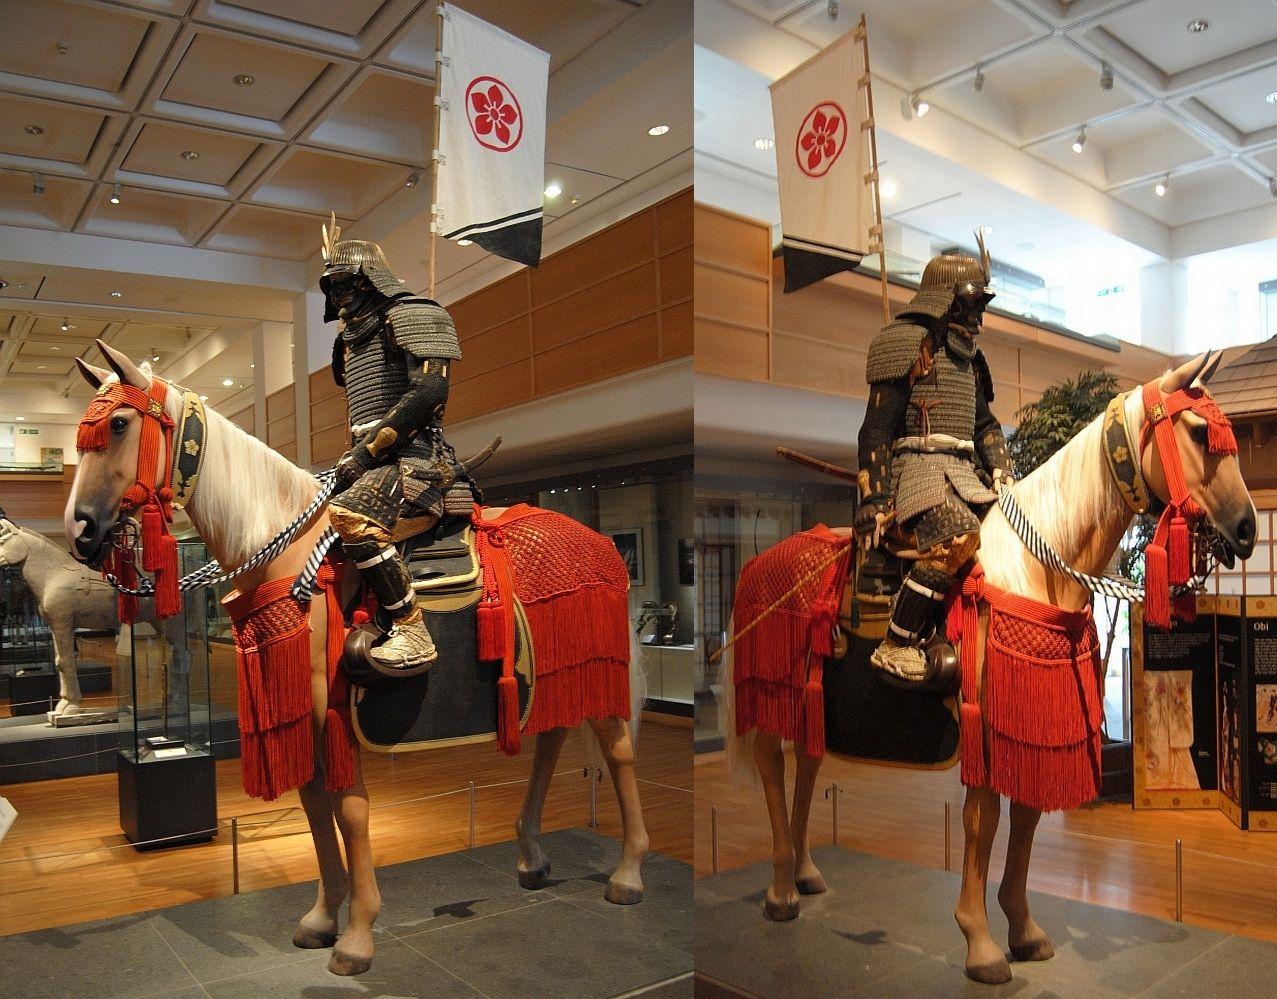 подходе увидел, конный самурай картинки изготавливается той